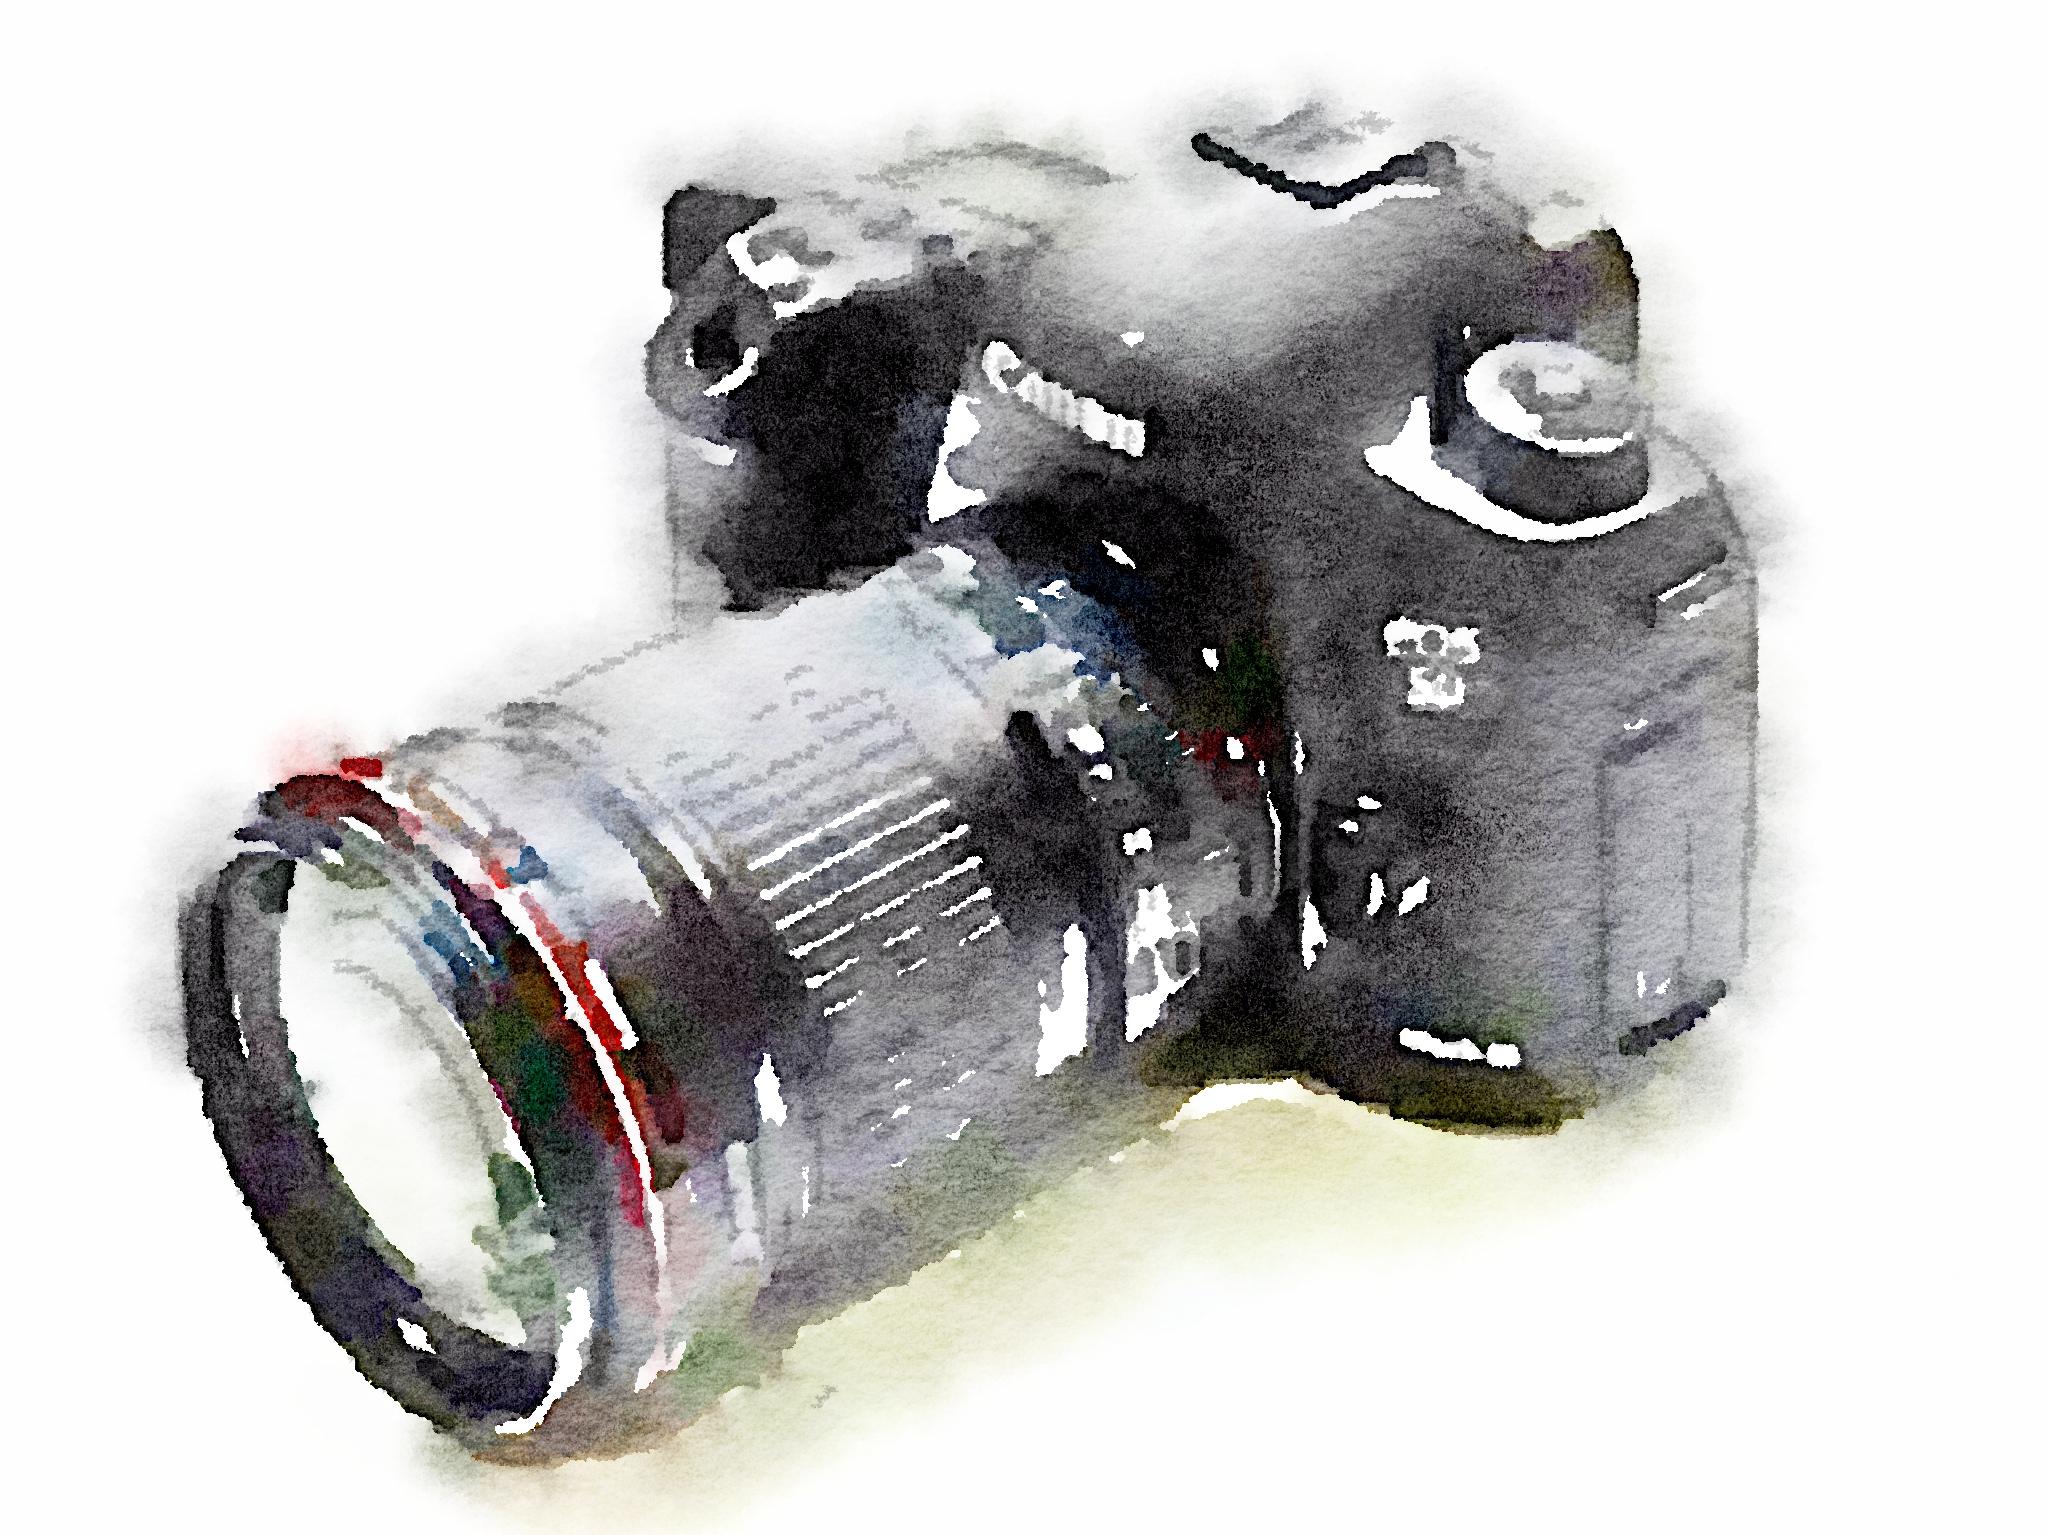 デザイナーの私がお薦めするカメラアプリ10選 | sonicmoov lab